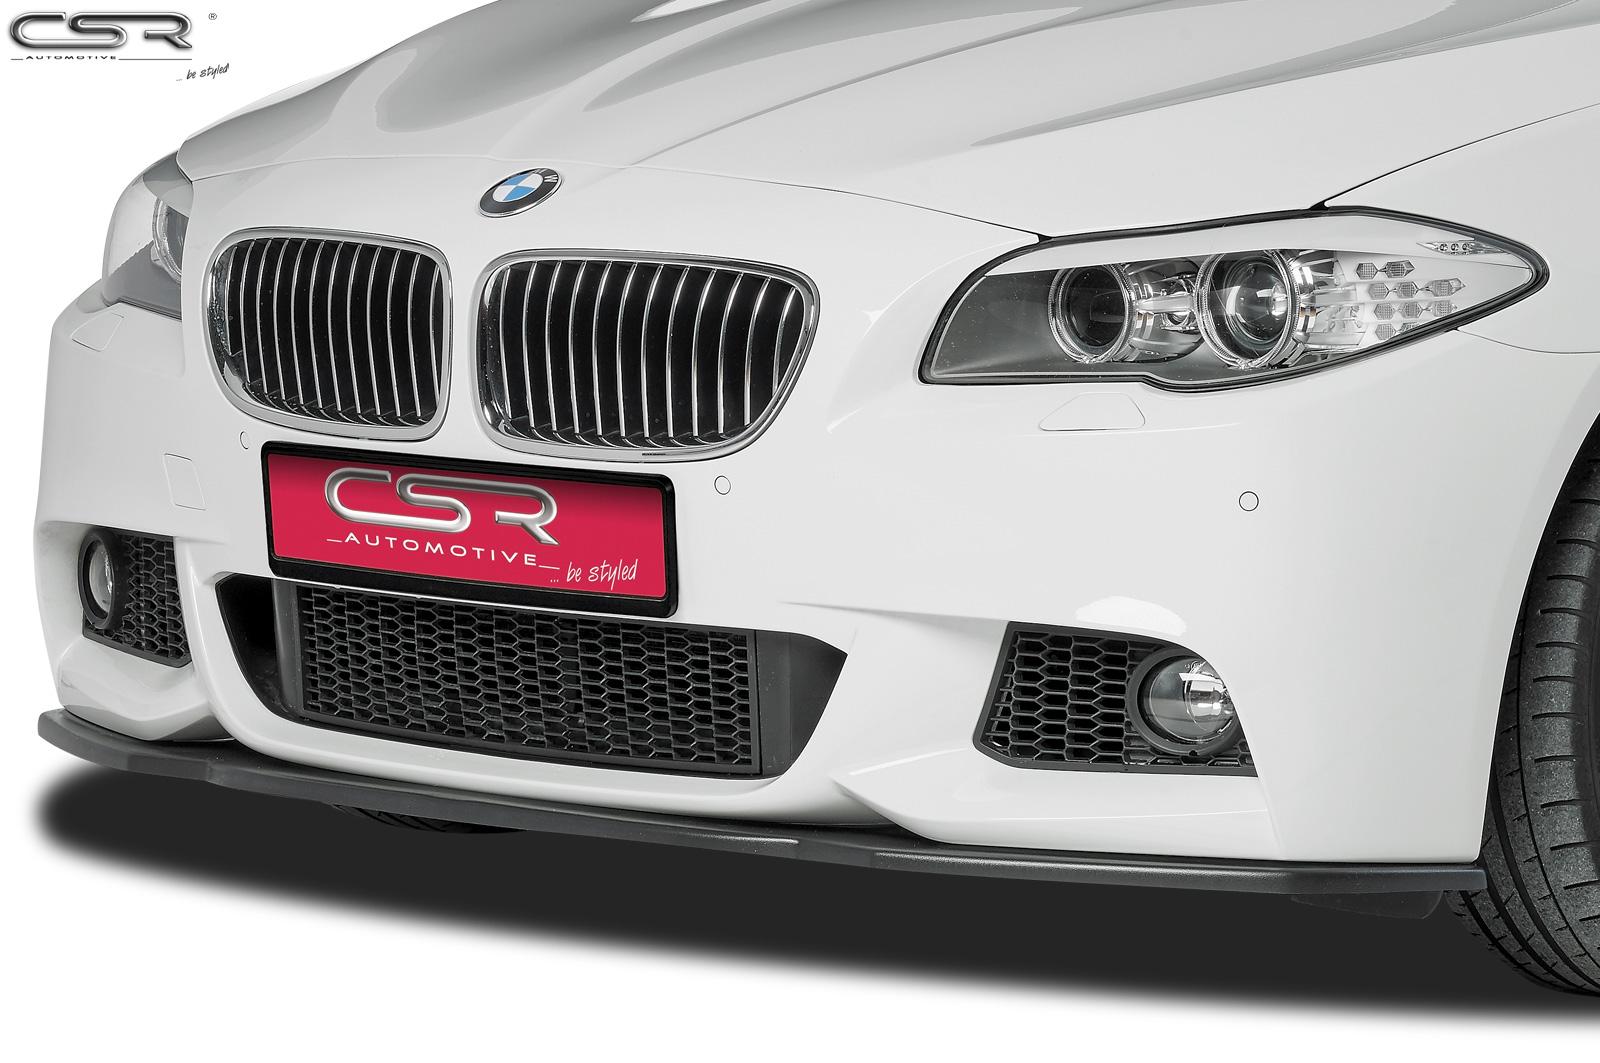 накладка на бампер передний Csr Automotive для Bmw 5 серии F10 F11